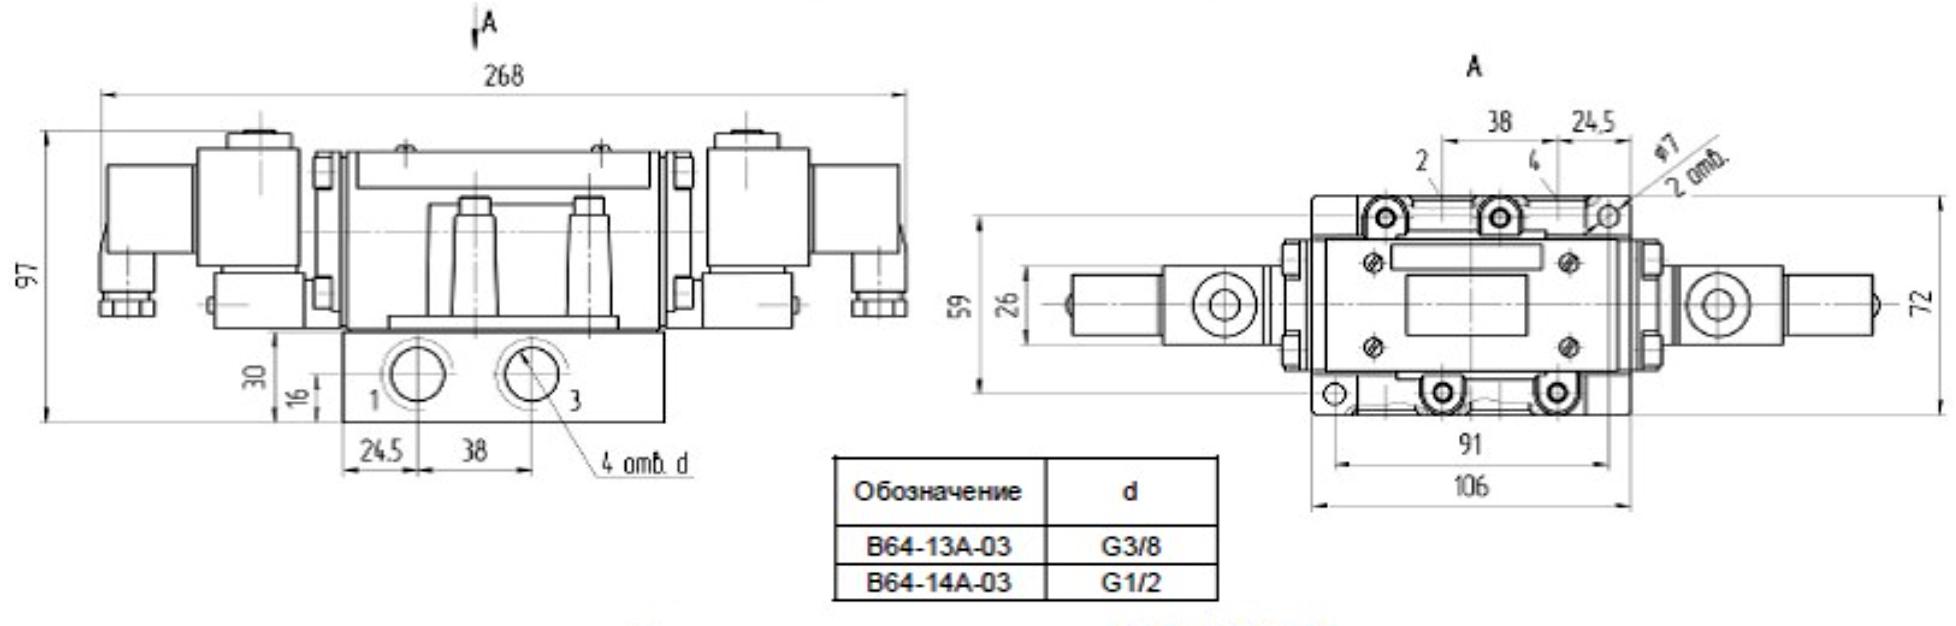 Присоединительные и габаритные размеры пневмораспределителей В64-13А-03, В64-14А-03, (управление распределителем электромагнитное )